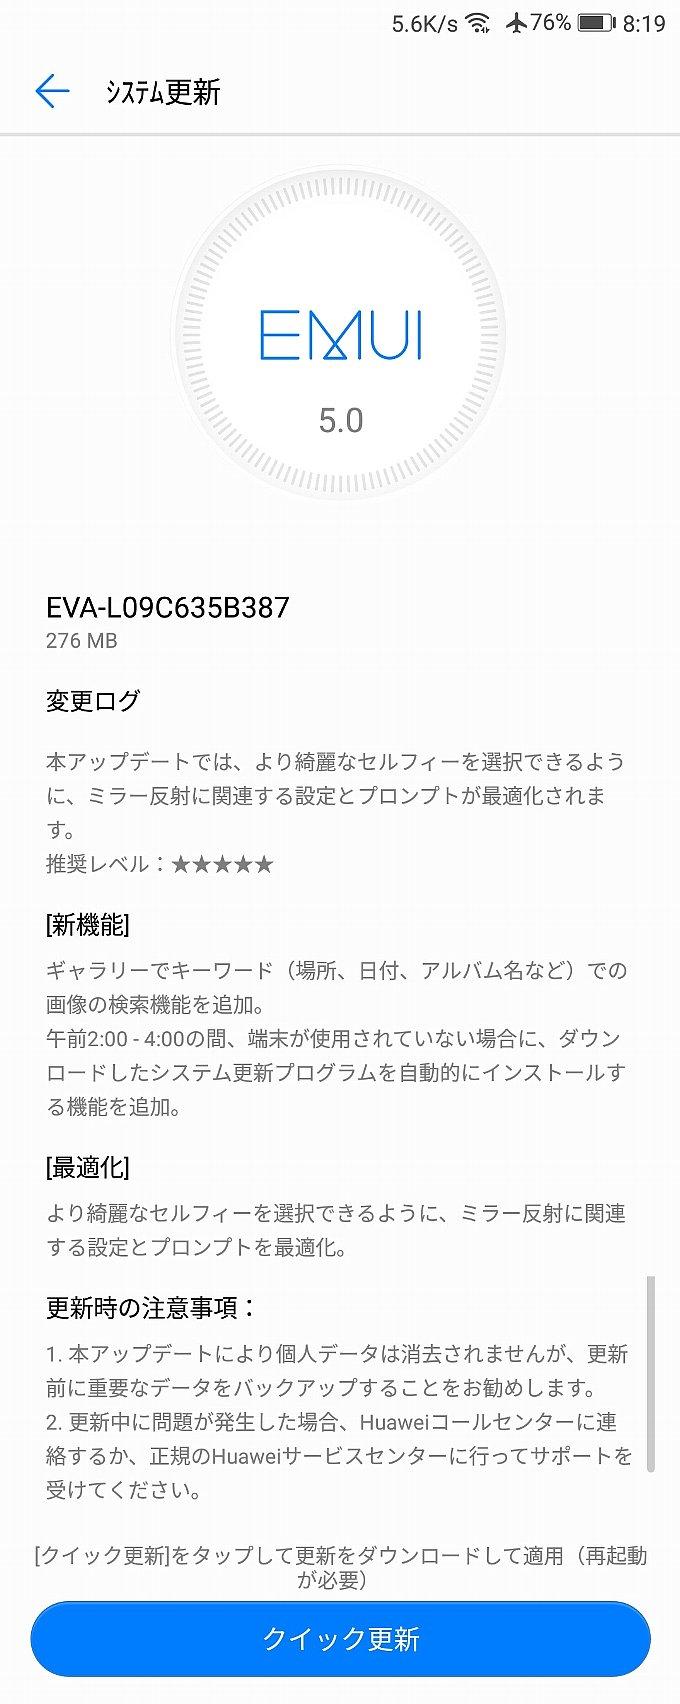 HUAWEI P9のアップデート通知